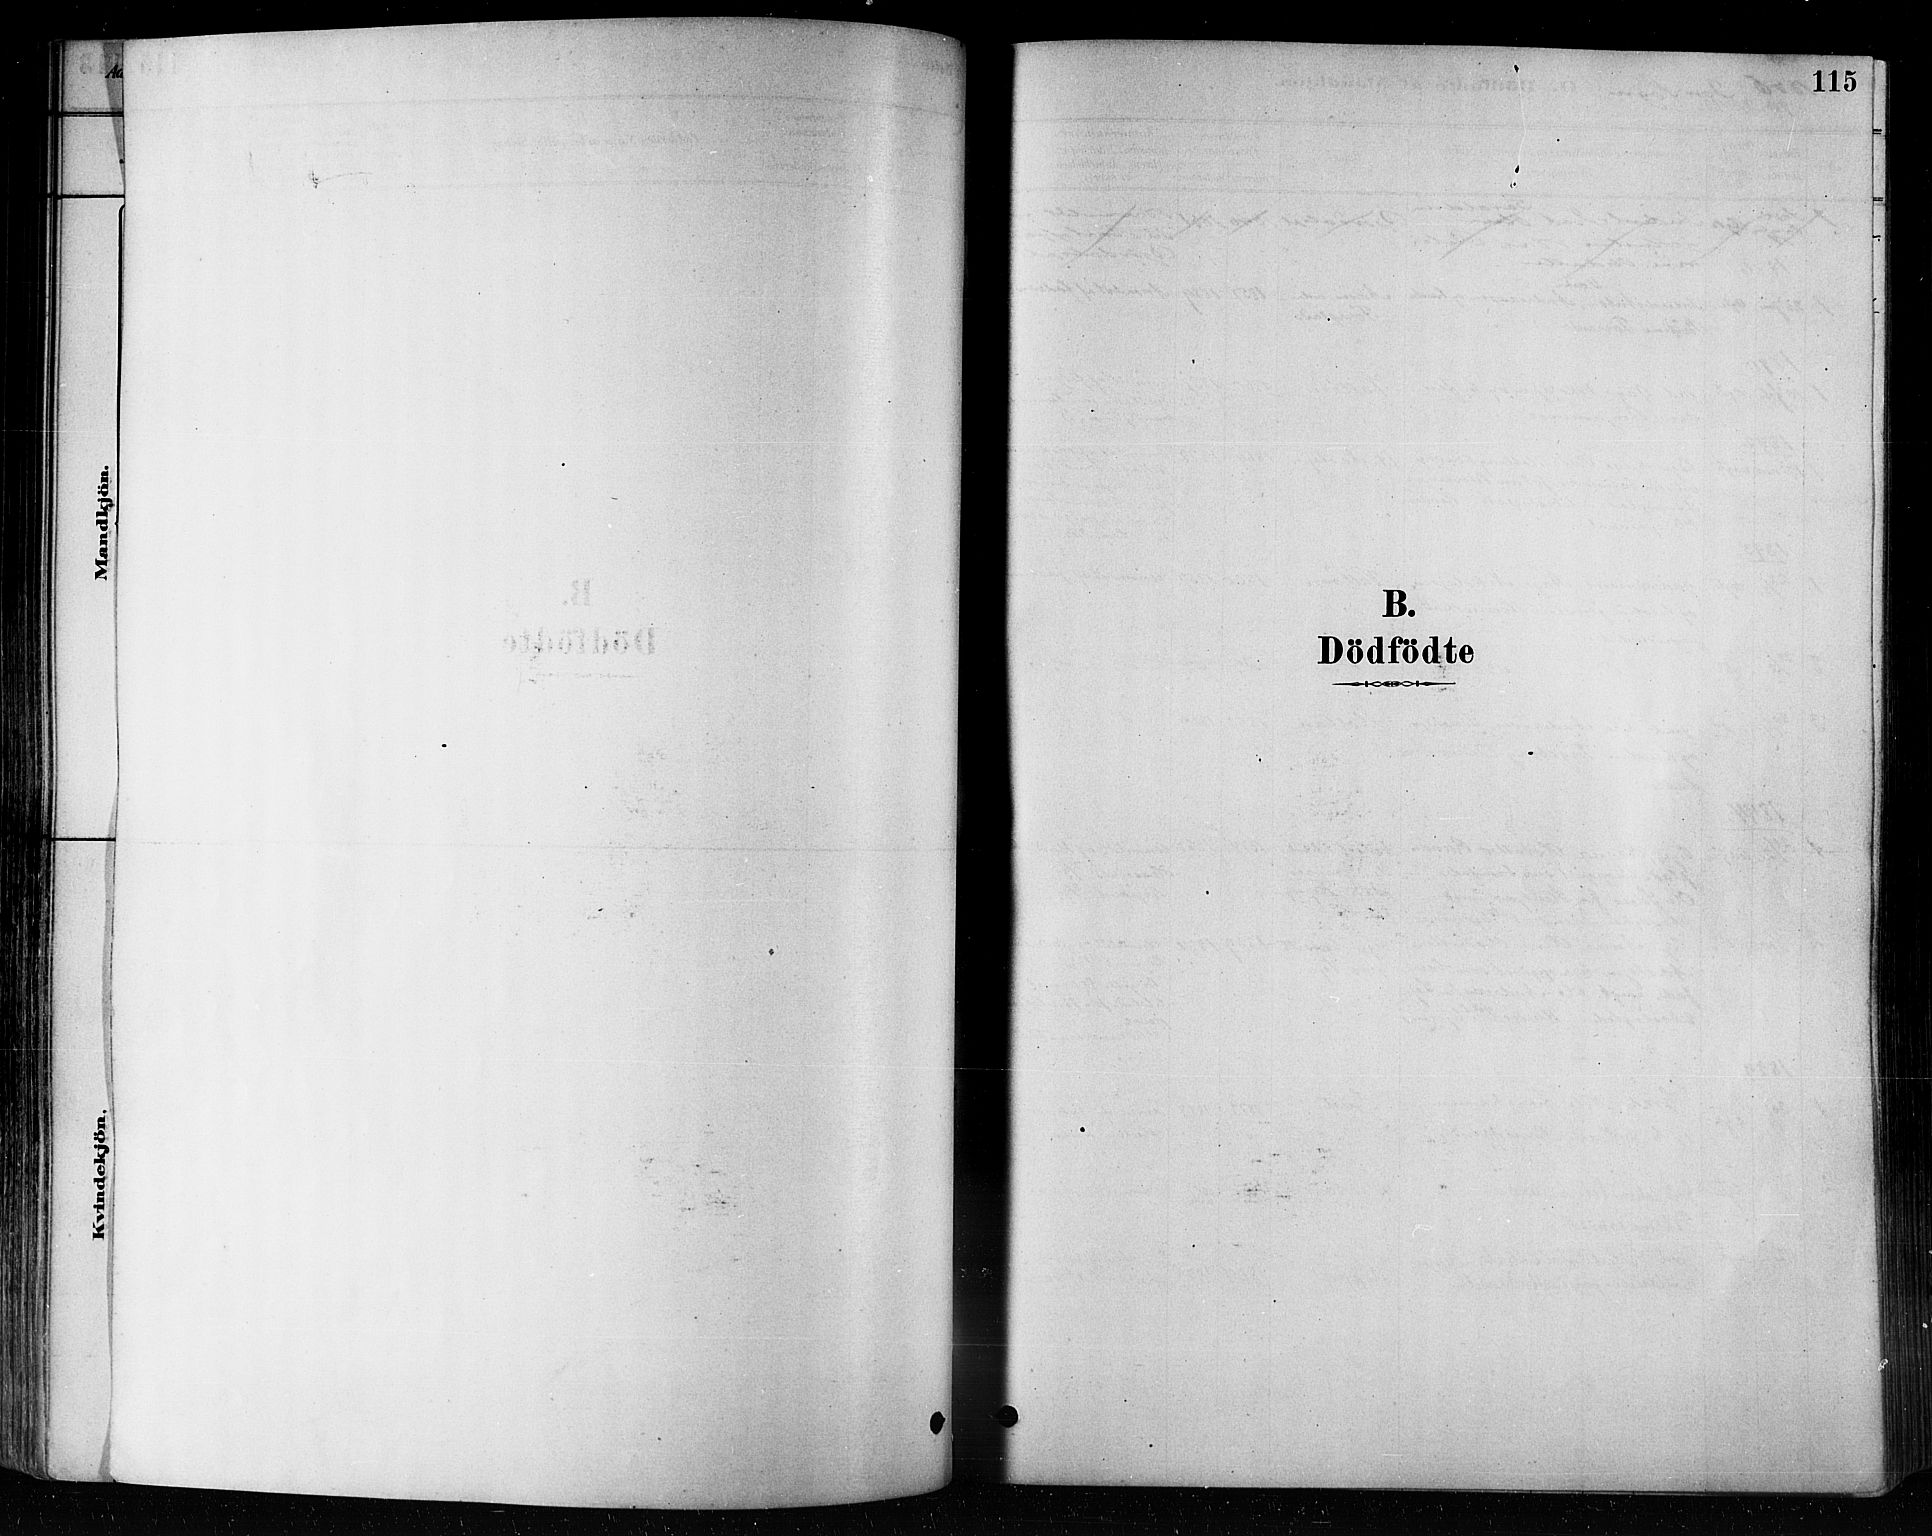 SAT, Ministerialprotokoller, klokkerbøker og fødselsregistre - Nord-Trøndelag, 746/L0448: Ministerialbok nr. 746A07 /1, 1878-1900, s. 115